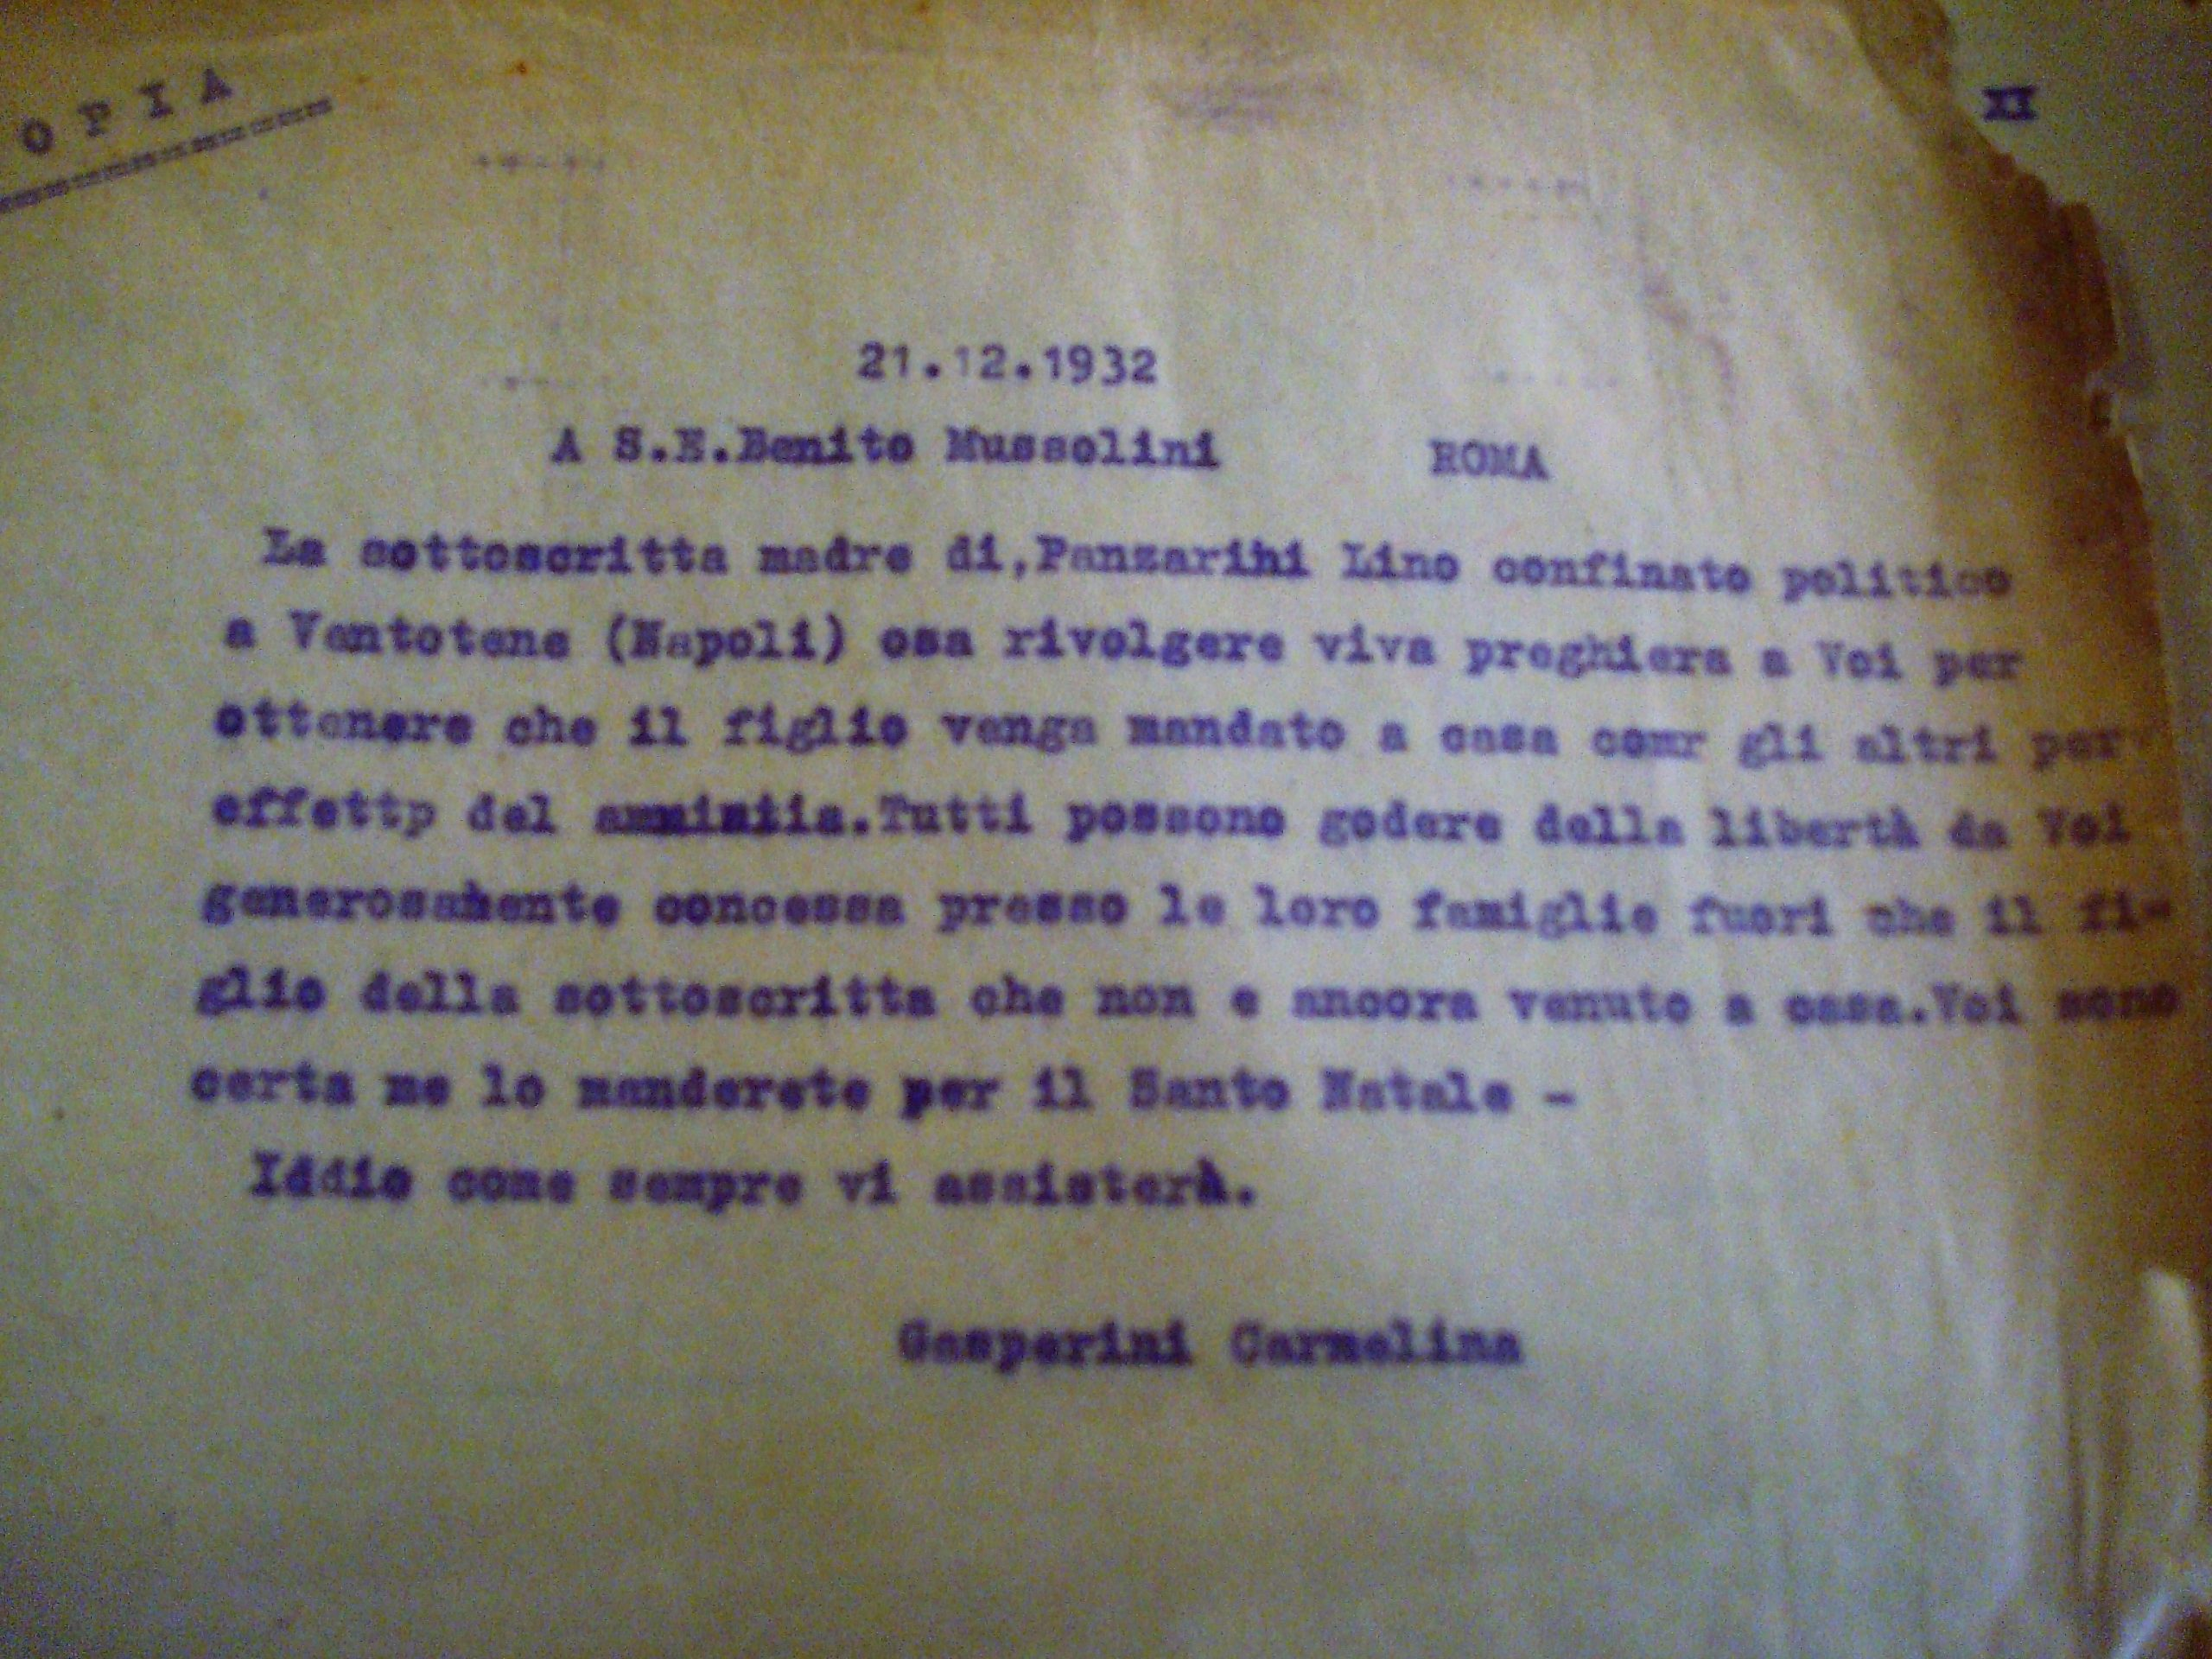 La lettera inviata dalla madre di Lino Panzarini al Duce nel dicembre 1932. Archivio di Stato di Bologna.